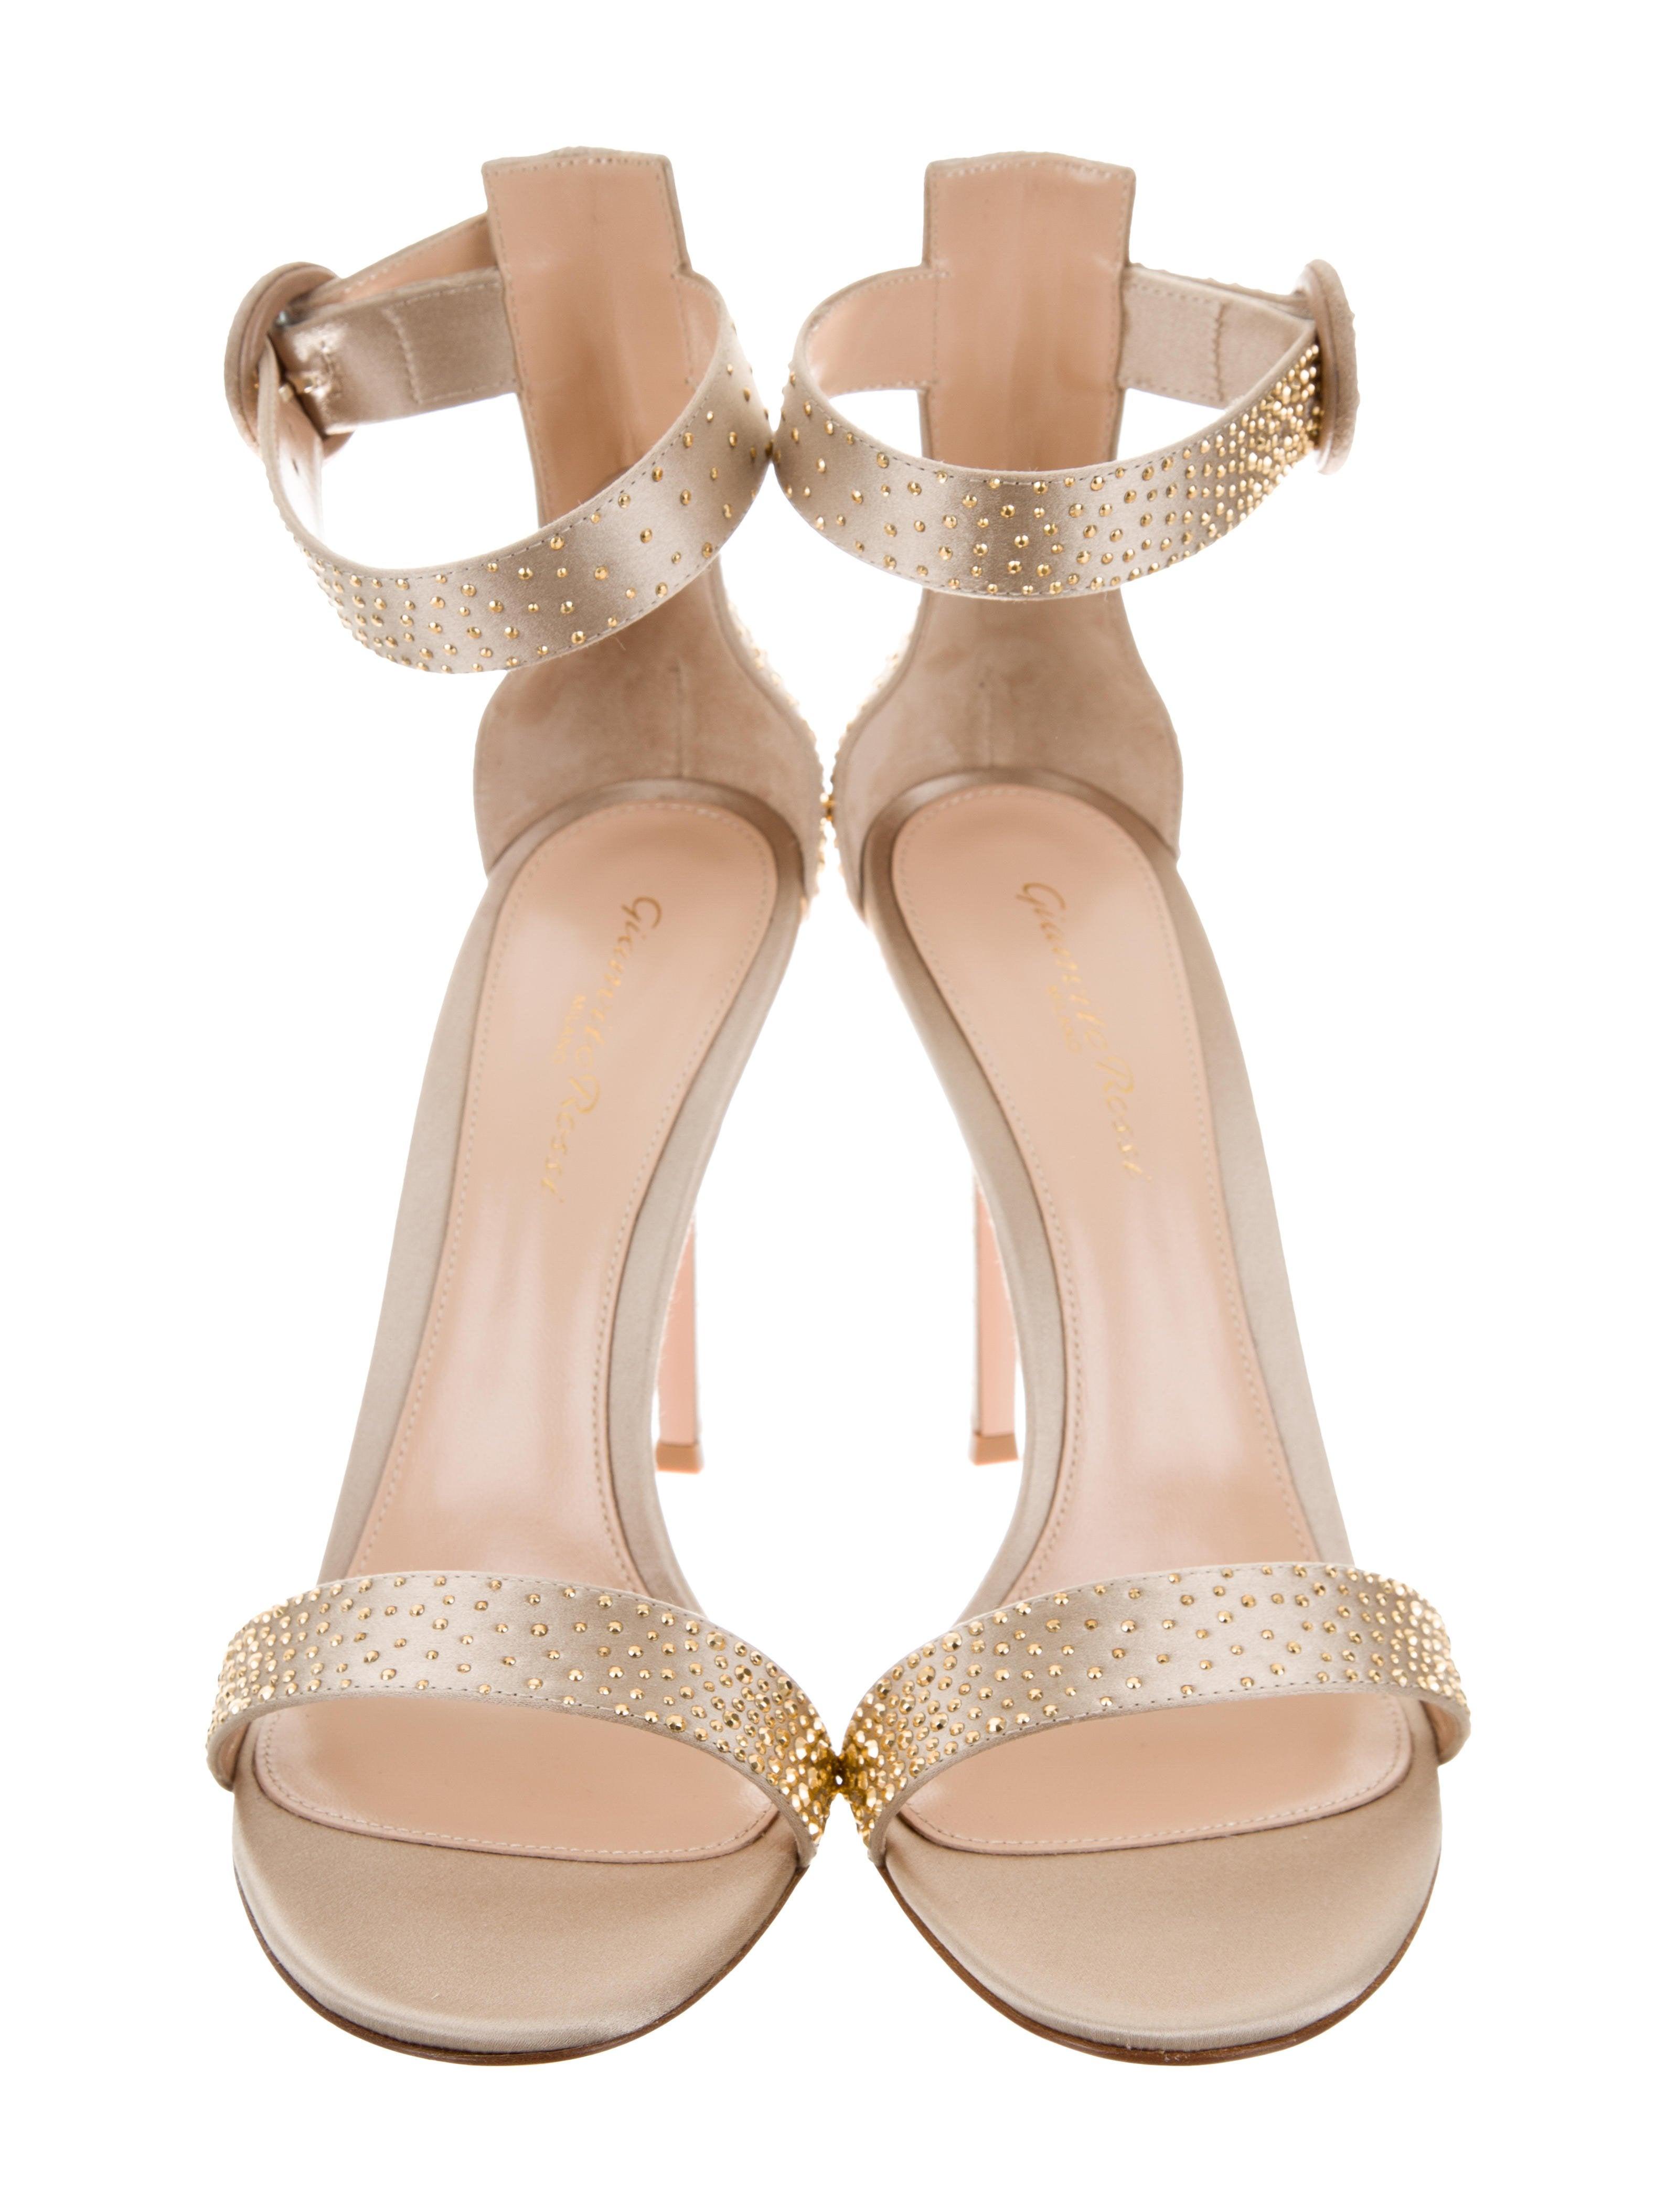 Gianvito Rossi Iridium Jewel-Embellished Sandals w/ Tags free shipping 100% original AjdAnGT5W